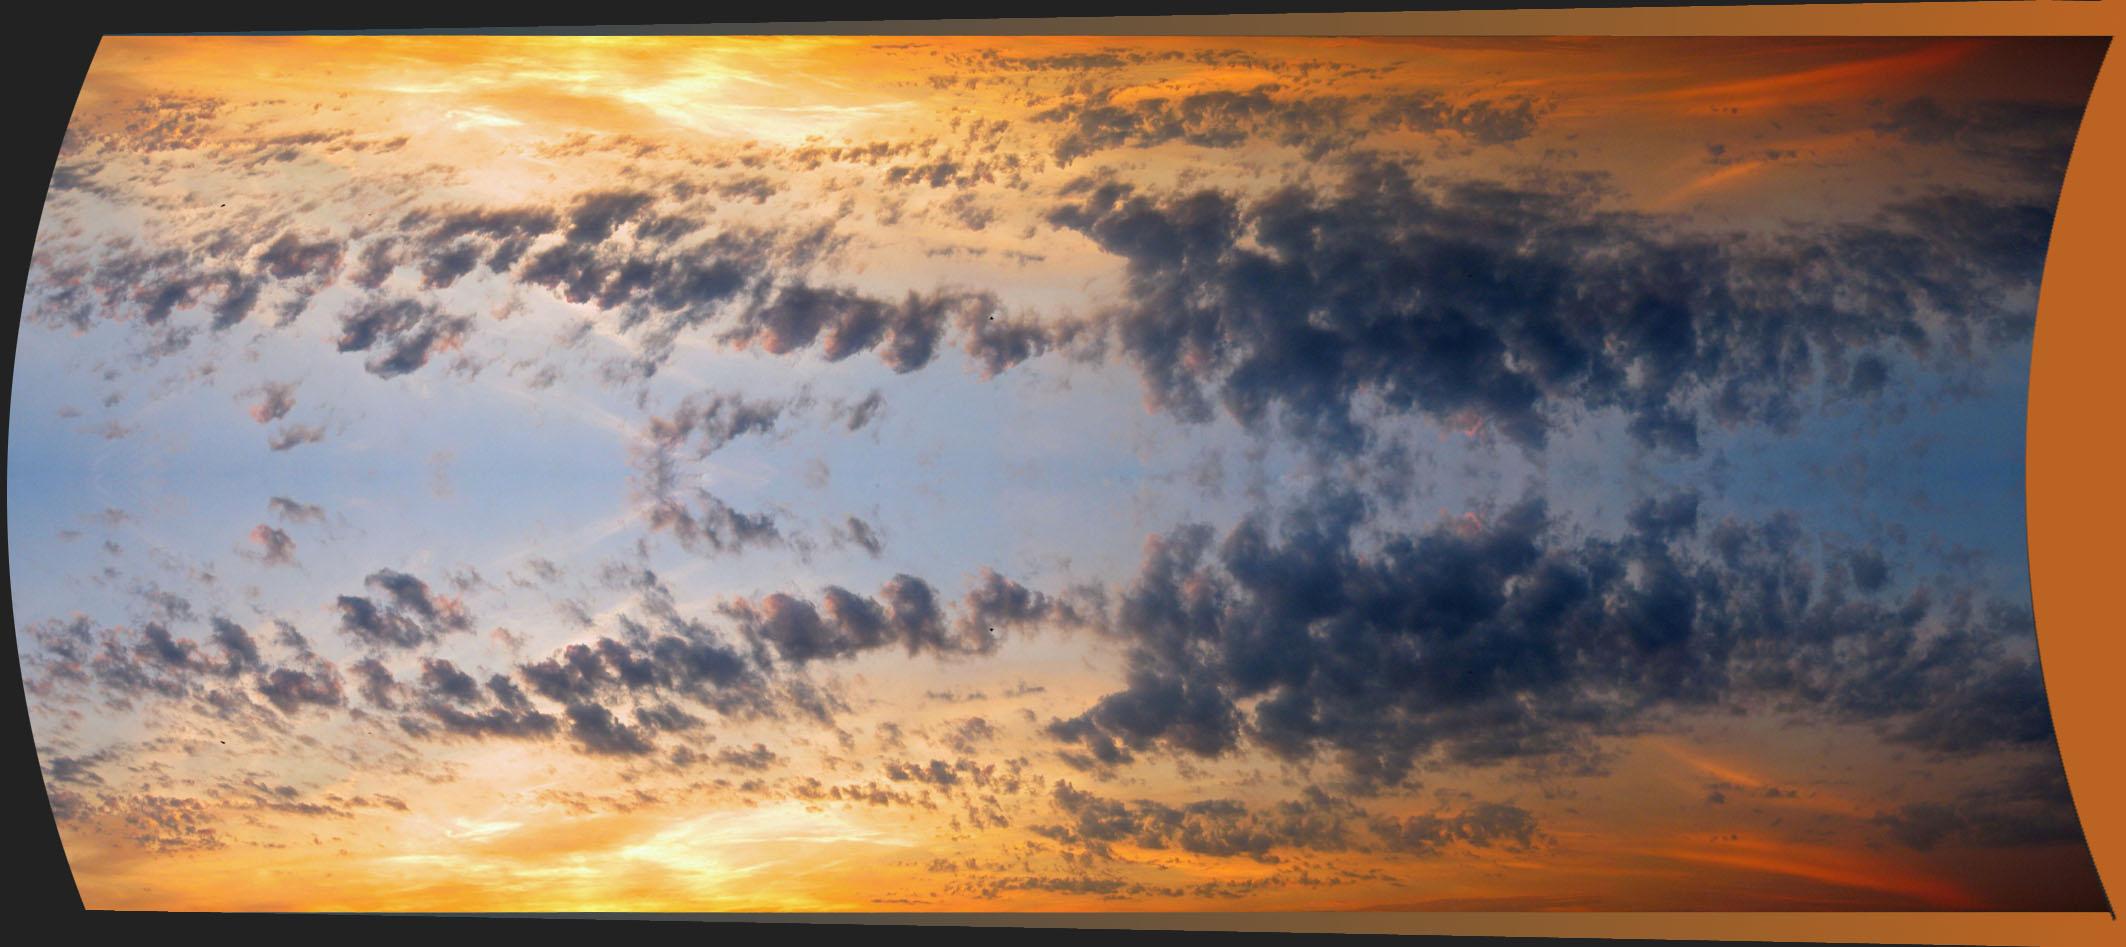 Juego de nubes 996239